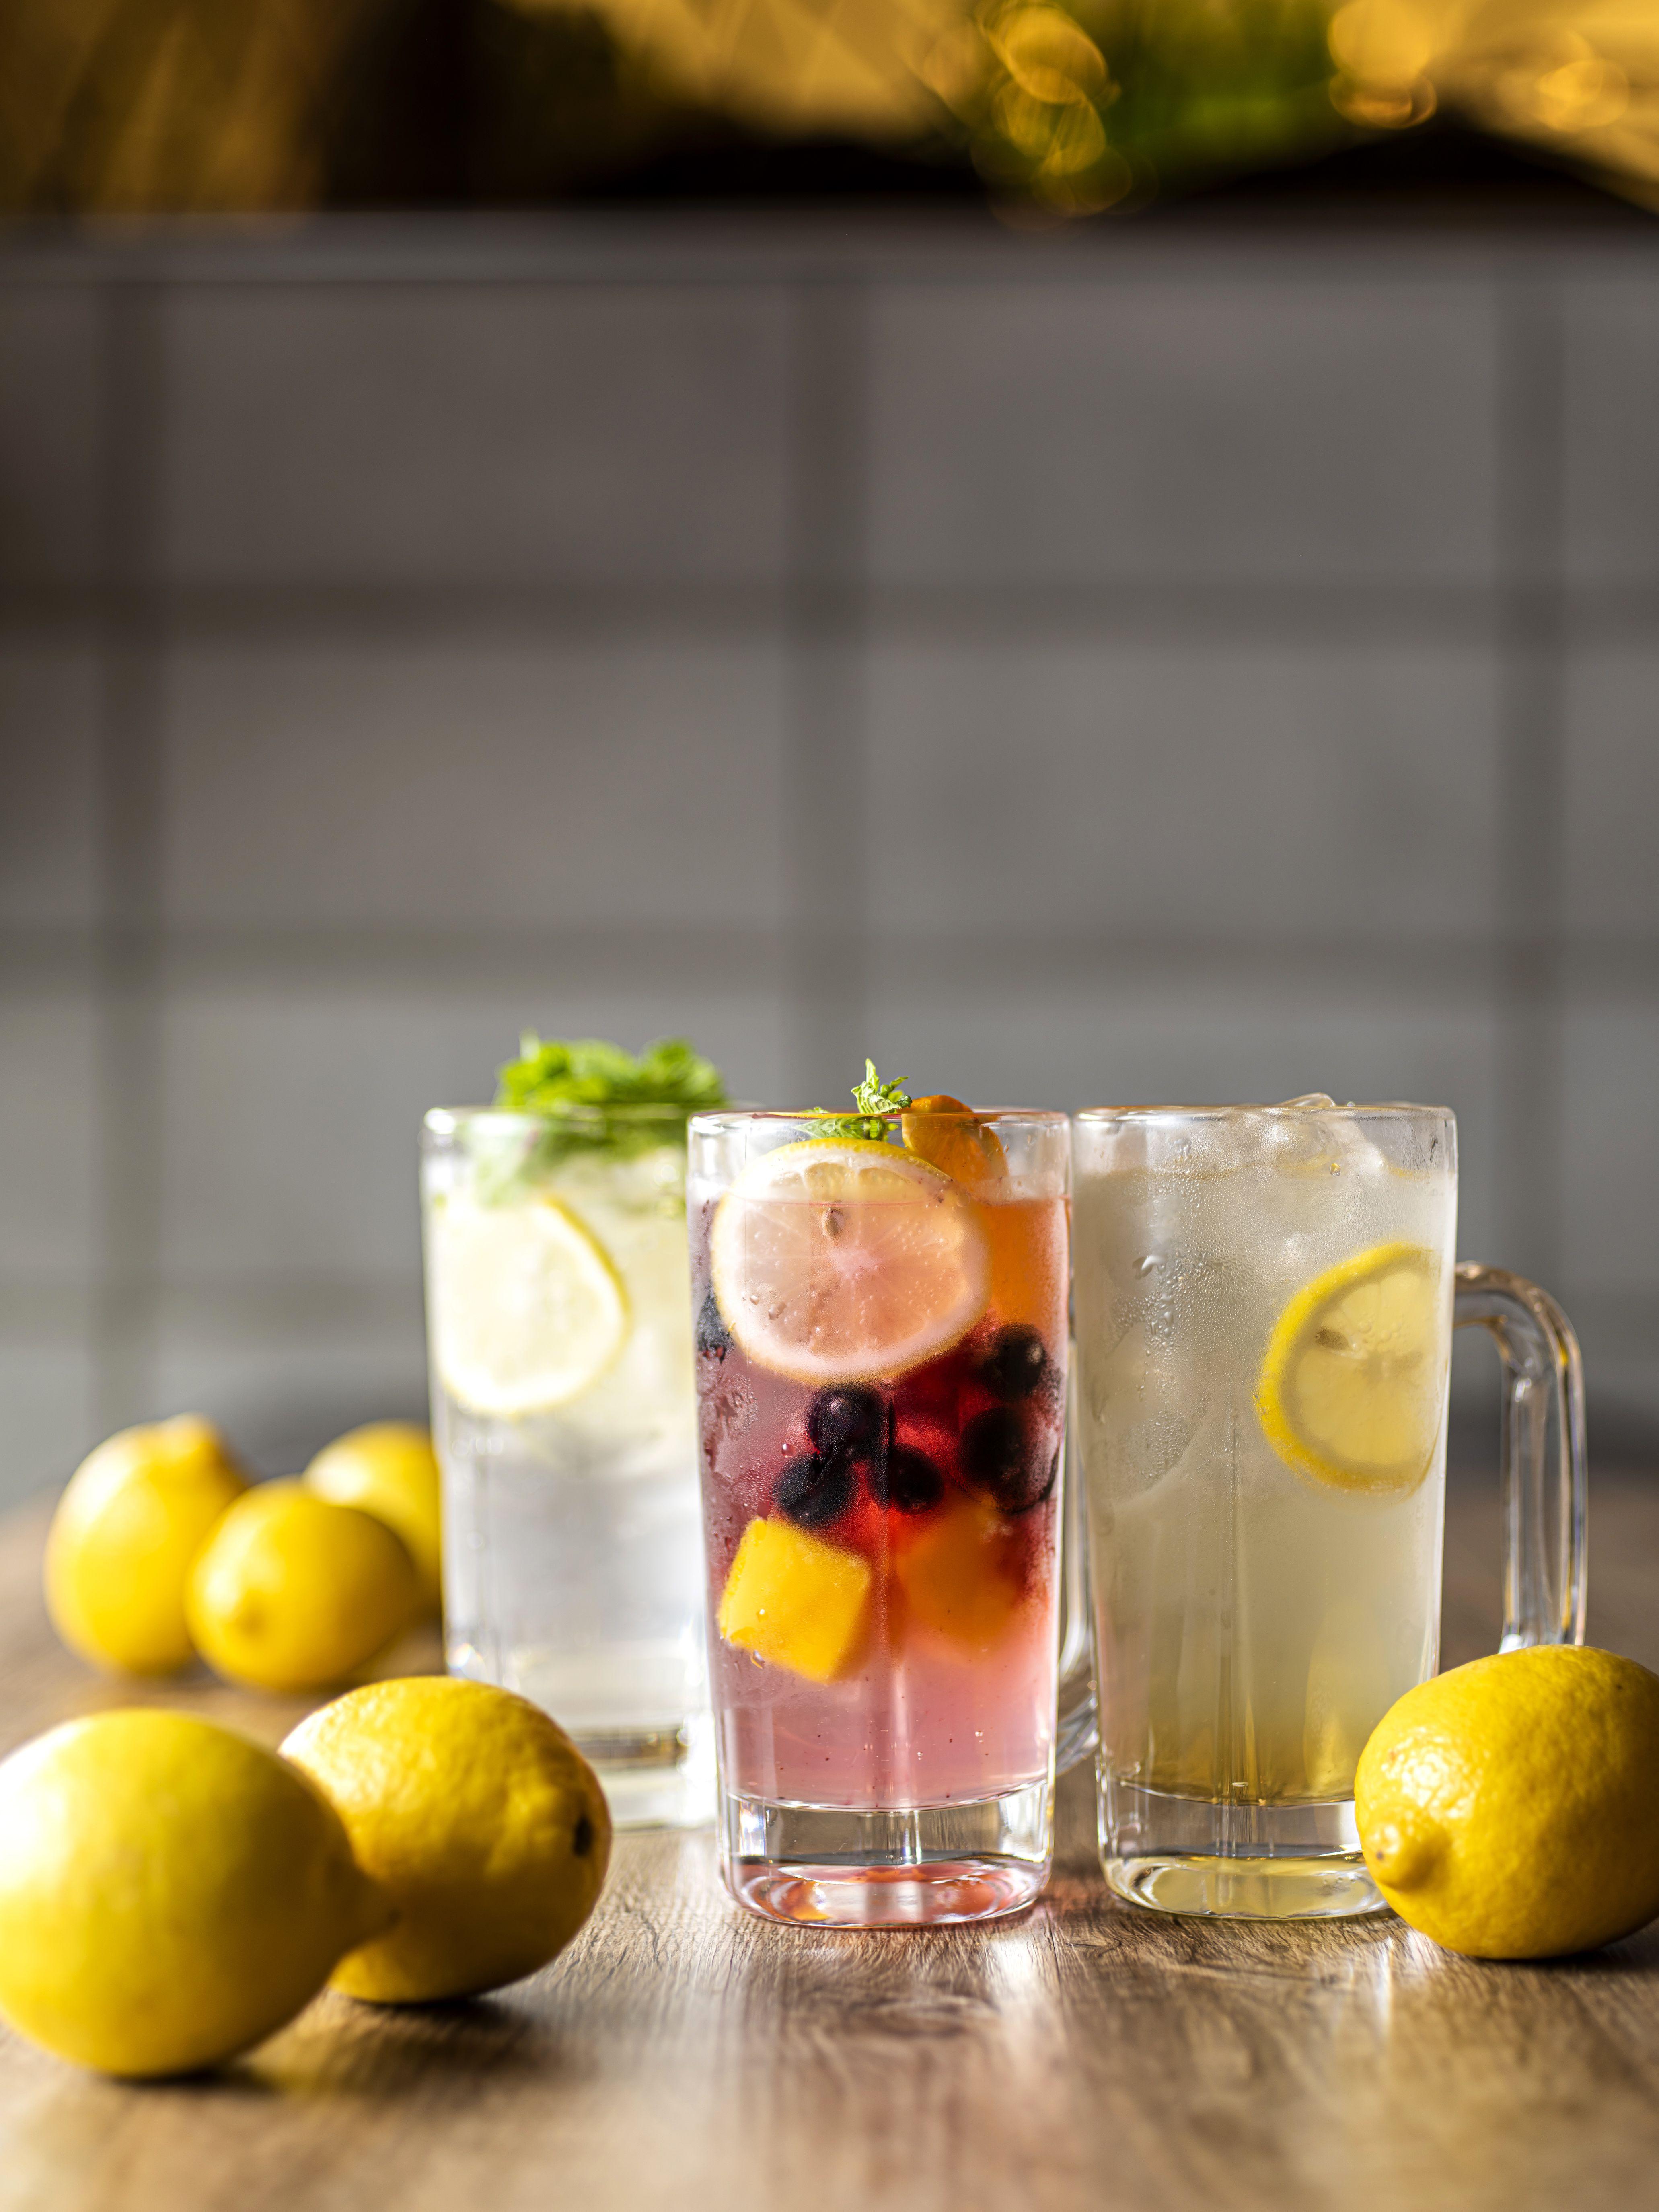 フルーツレモンサワー・自家製はちみつレモンサワー・モヒートレモンサワー